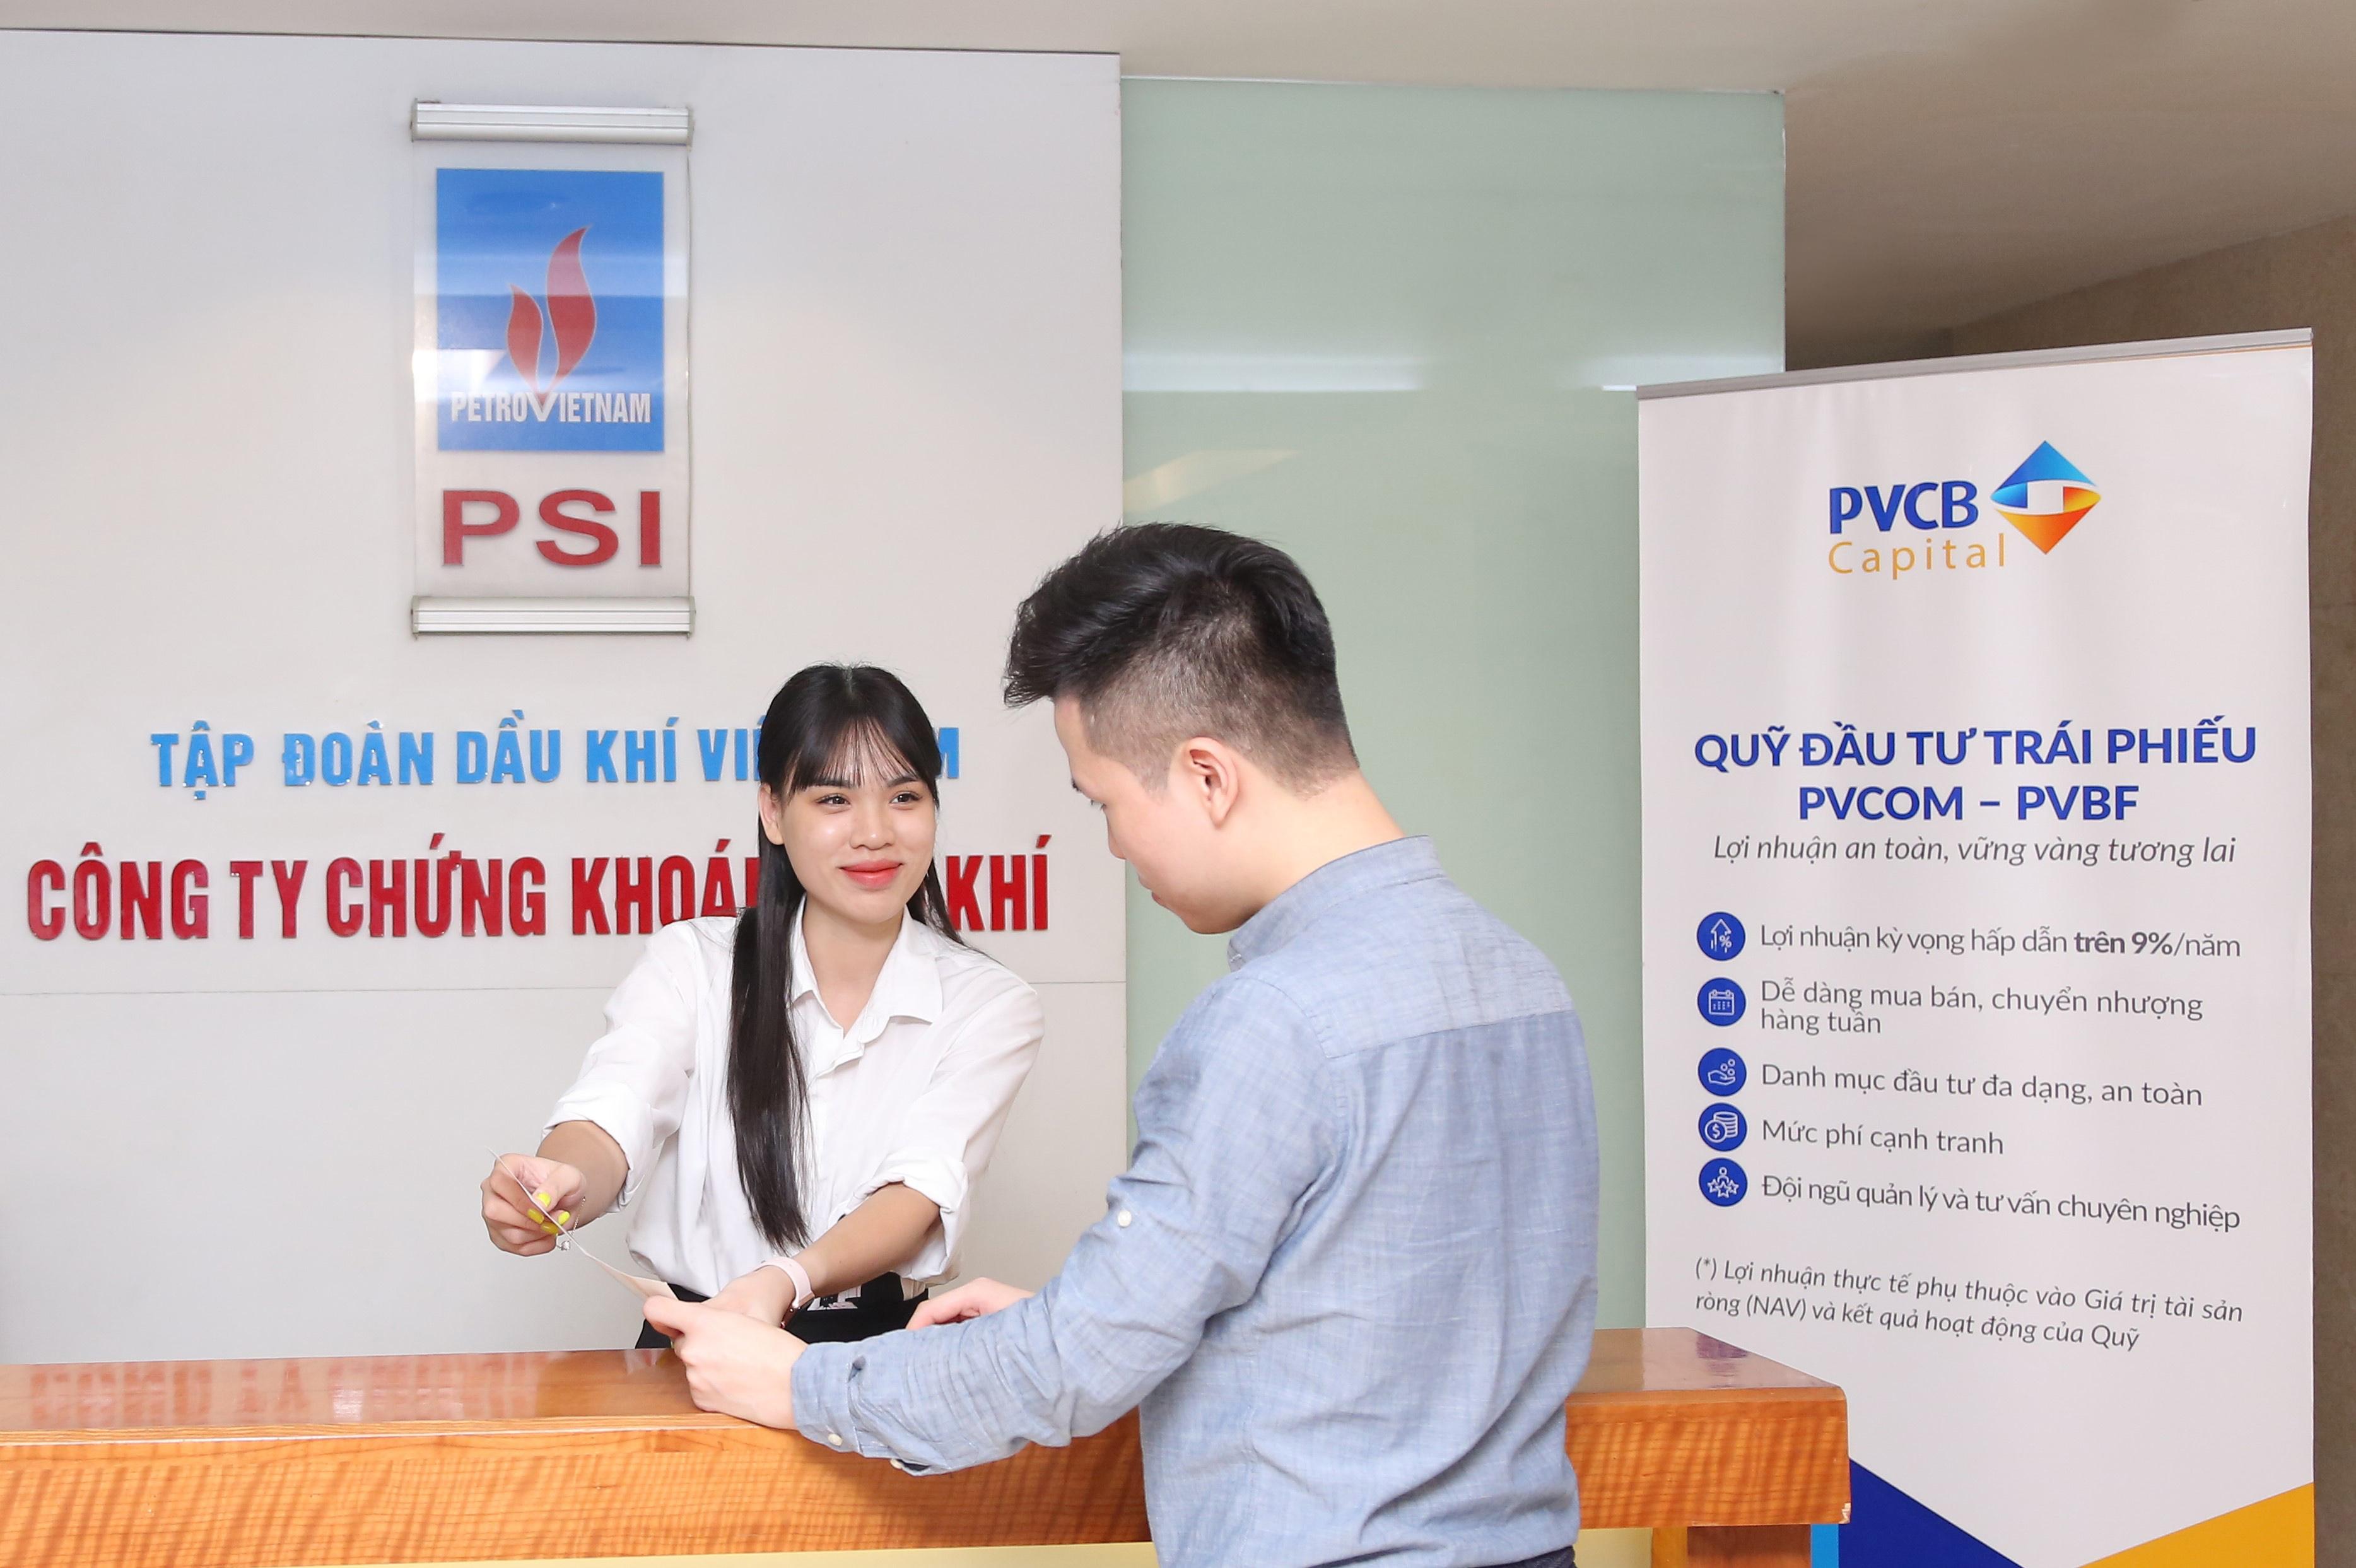 Chứng chỉ Quỹ Đầu tư Trái phiếu PVCOM (PVBF) có mức lợi nhuận kỳ vọng của danh mục đầu tư lên tới 9%/năm để các khách hàng có thêm lựa chọn tối ưu nguồn tiền.